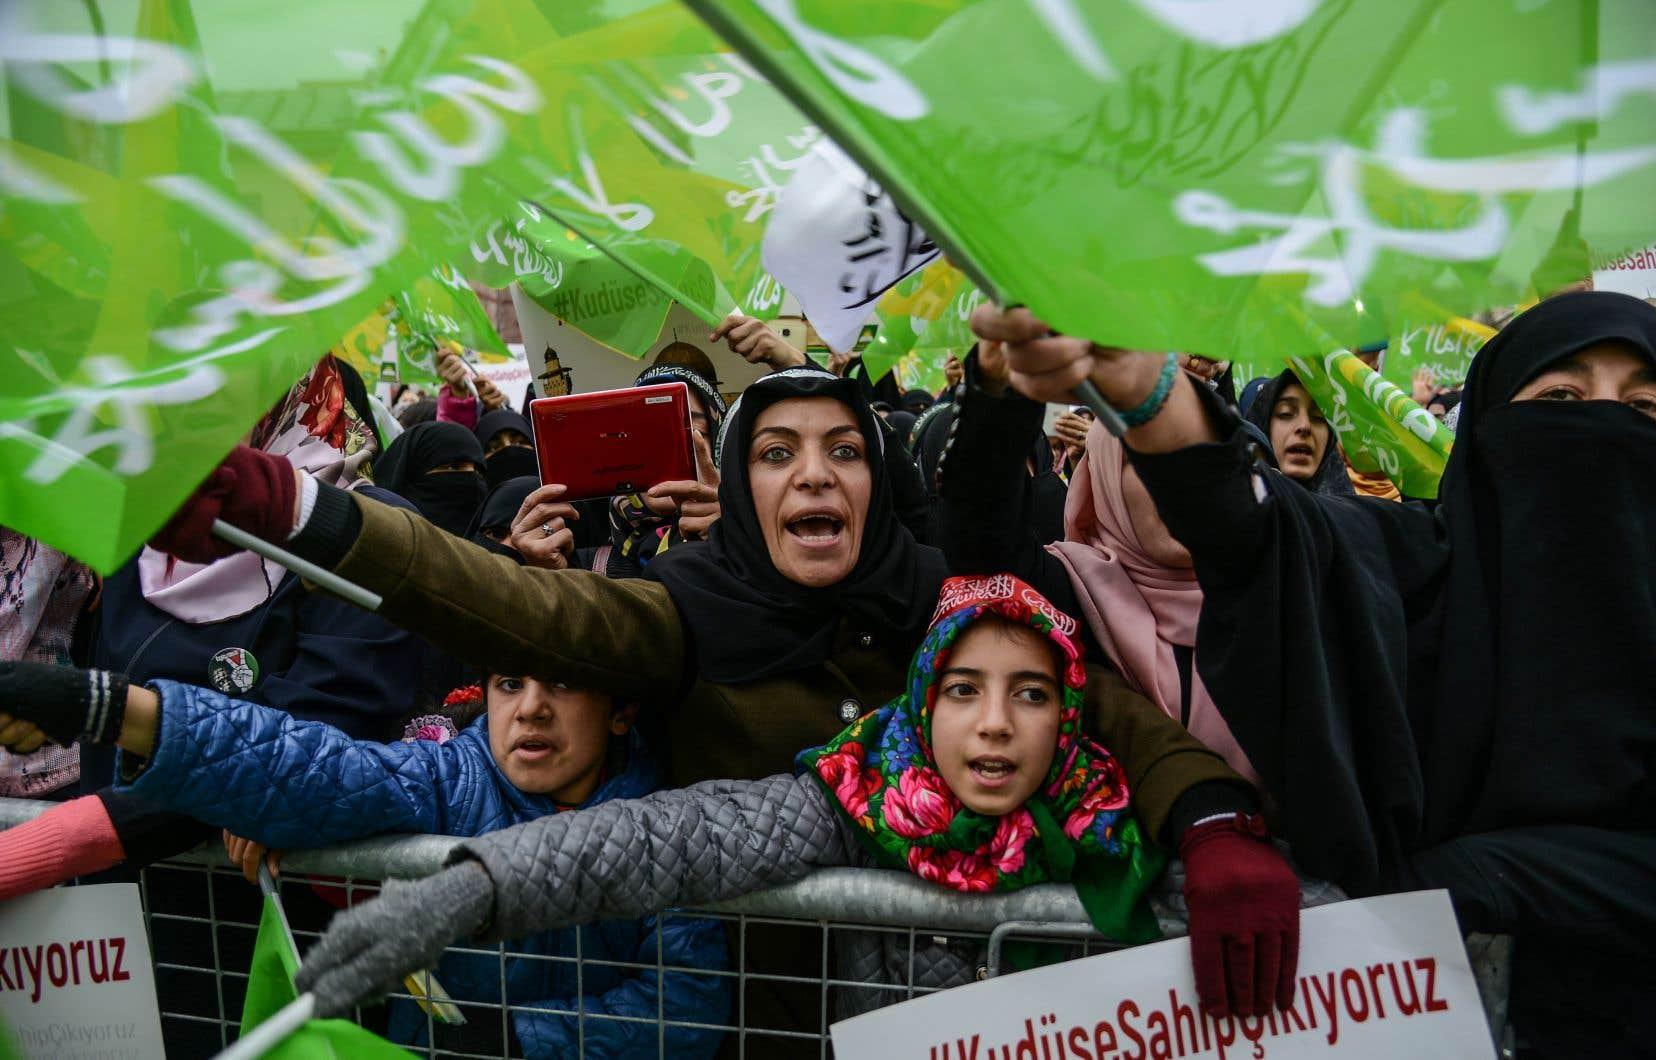 Des manifestants pro-palestiniens se sont rassemblés contre la décision du président américain Donald Trump, de reconnaîtreJérusalem comme capitale d'Israël.